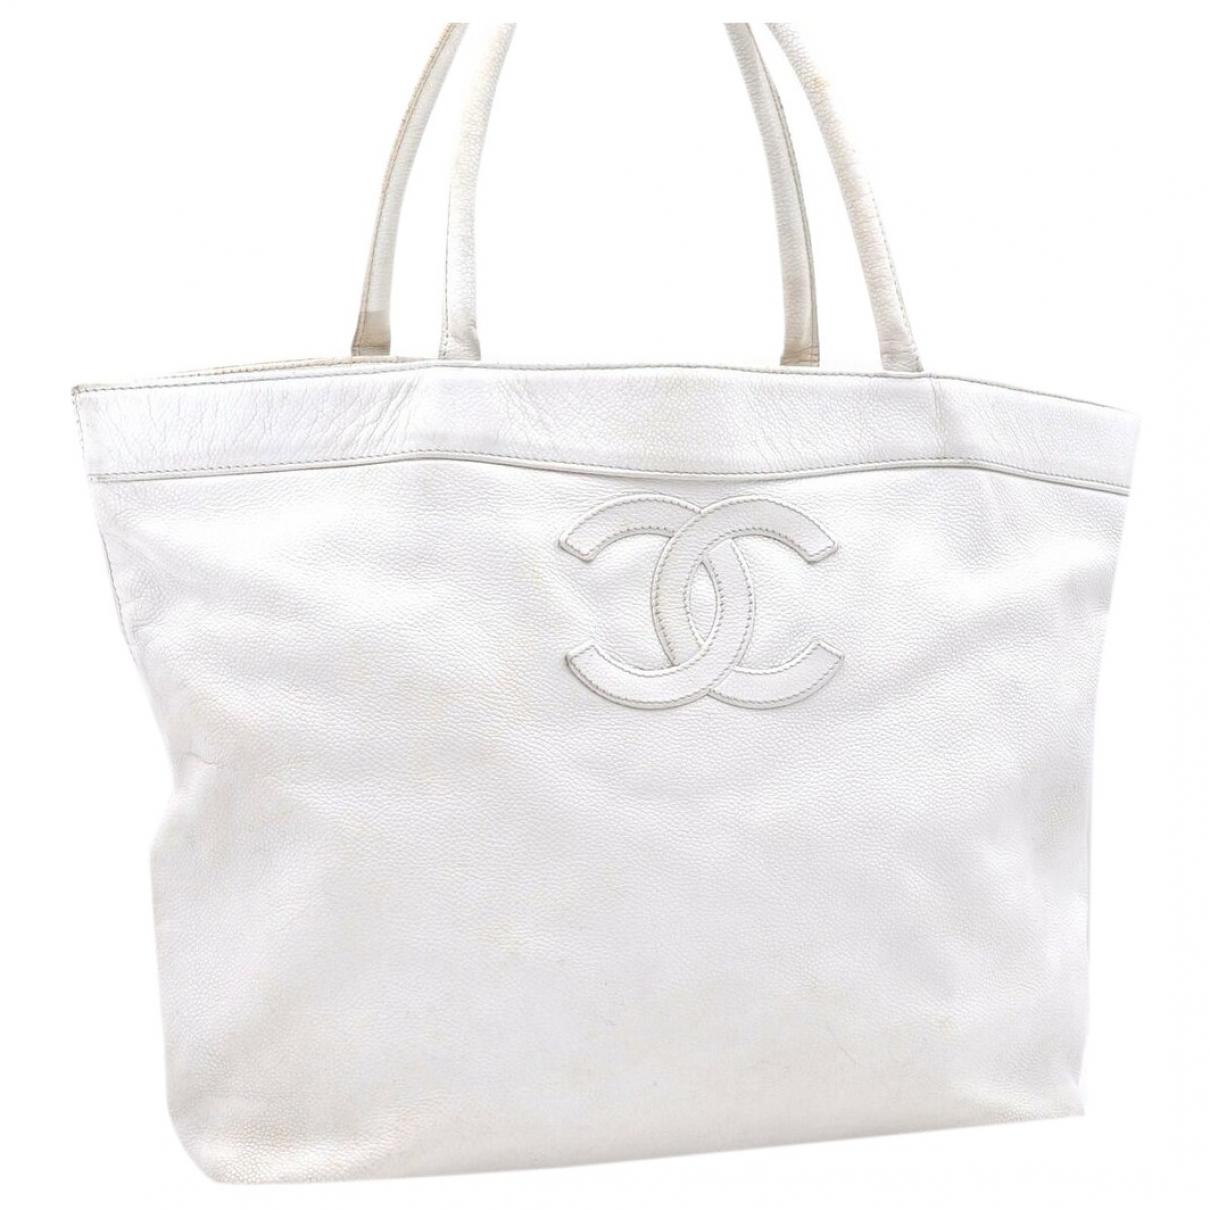 Chanel - Sac a main   pour femme en cuir - blanc